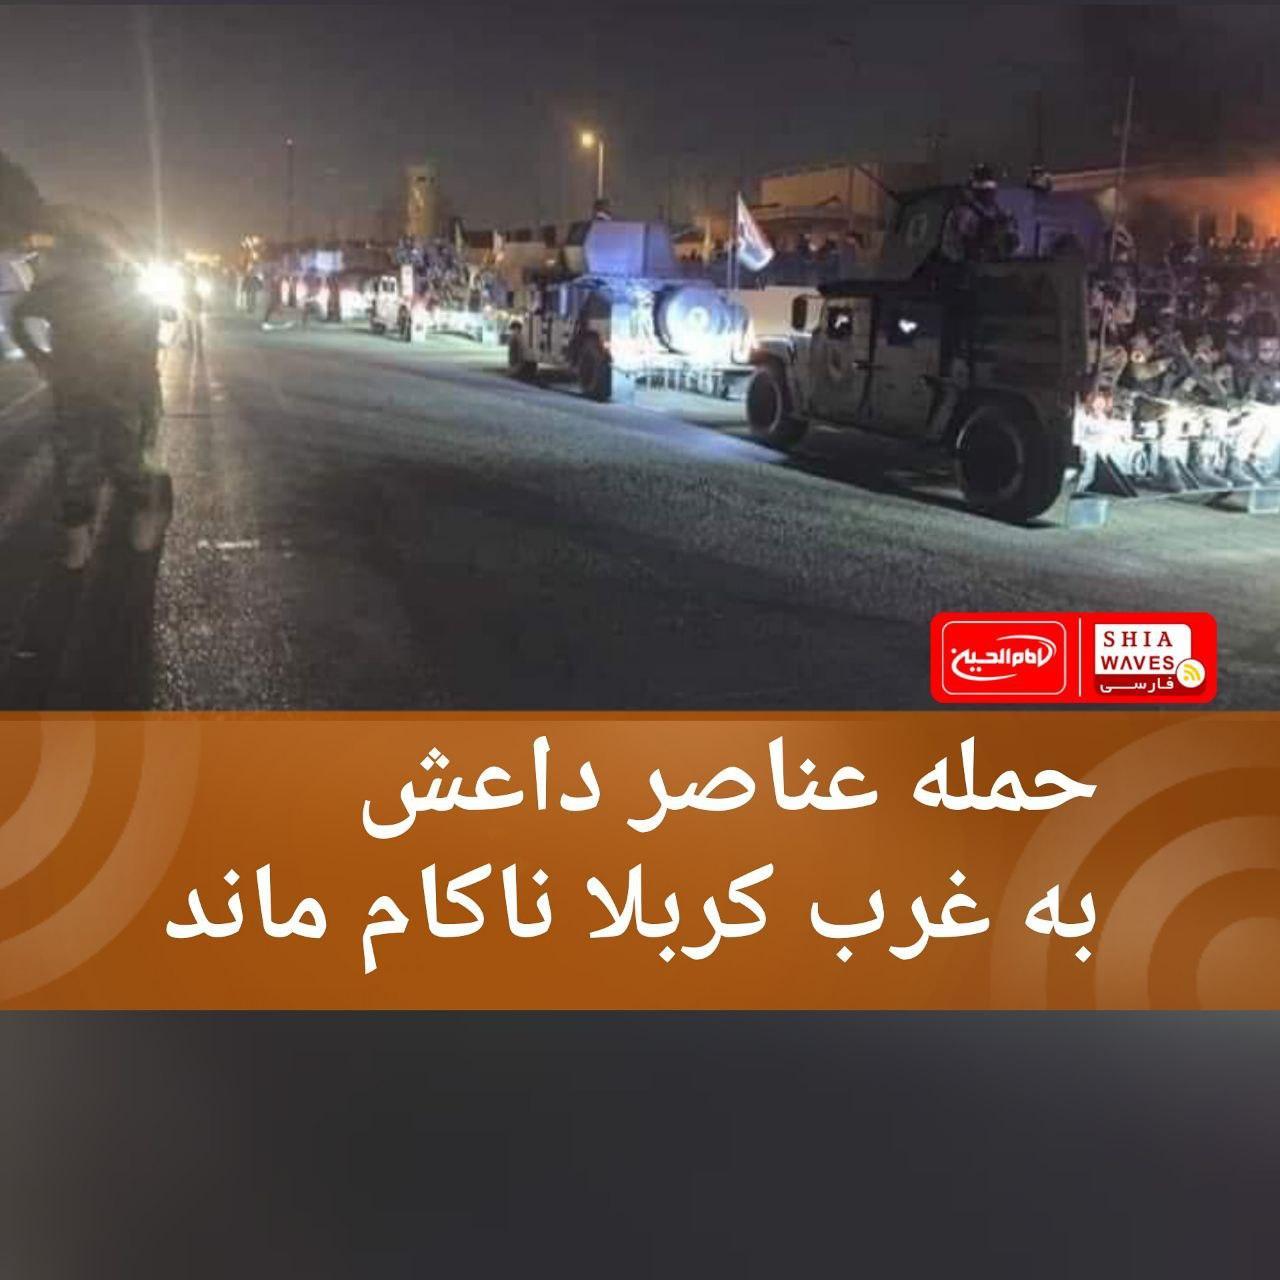 تصویر حمله عناصر داعش به غرب کربلا ناکام ماند